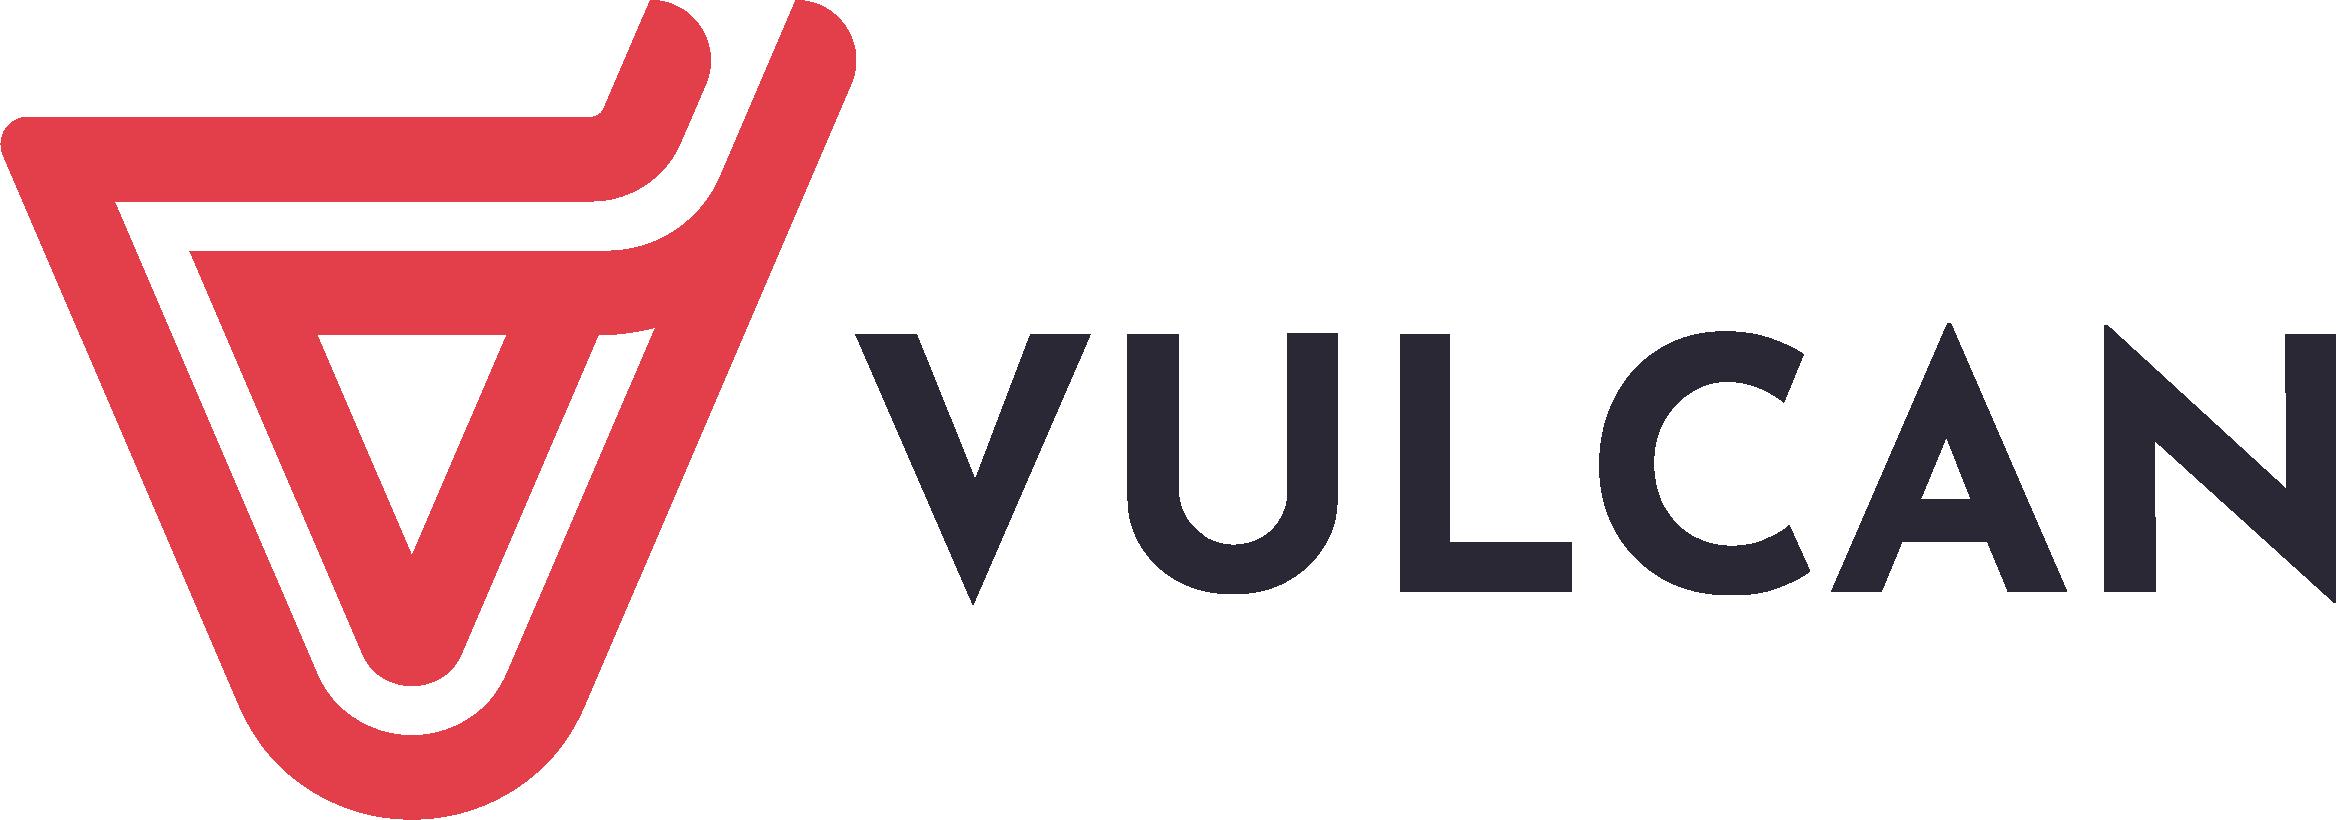 https://uonetplus.vulcan.net.pl/pruszczgdanski/